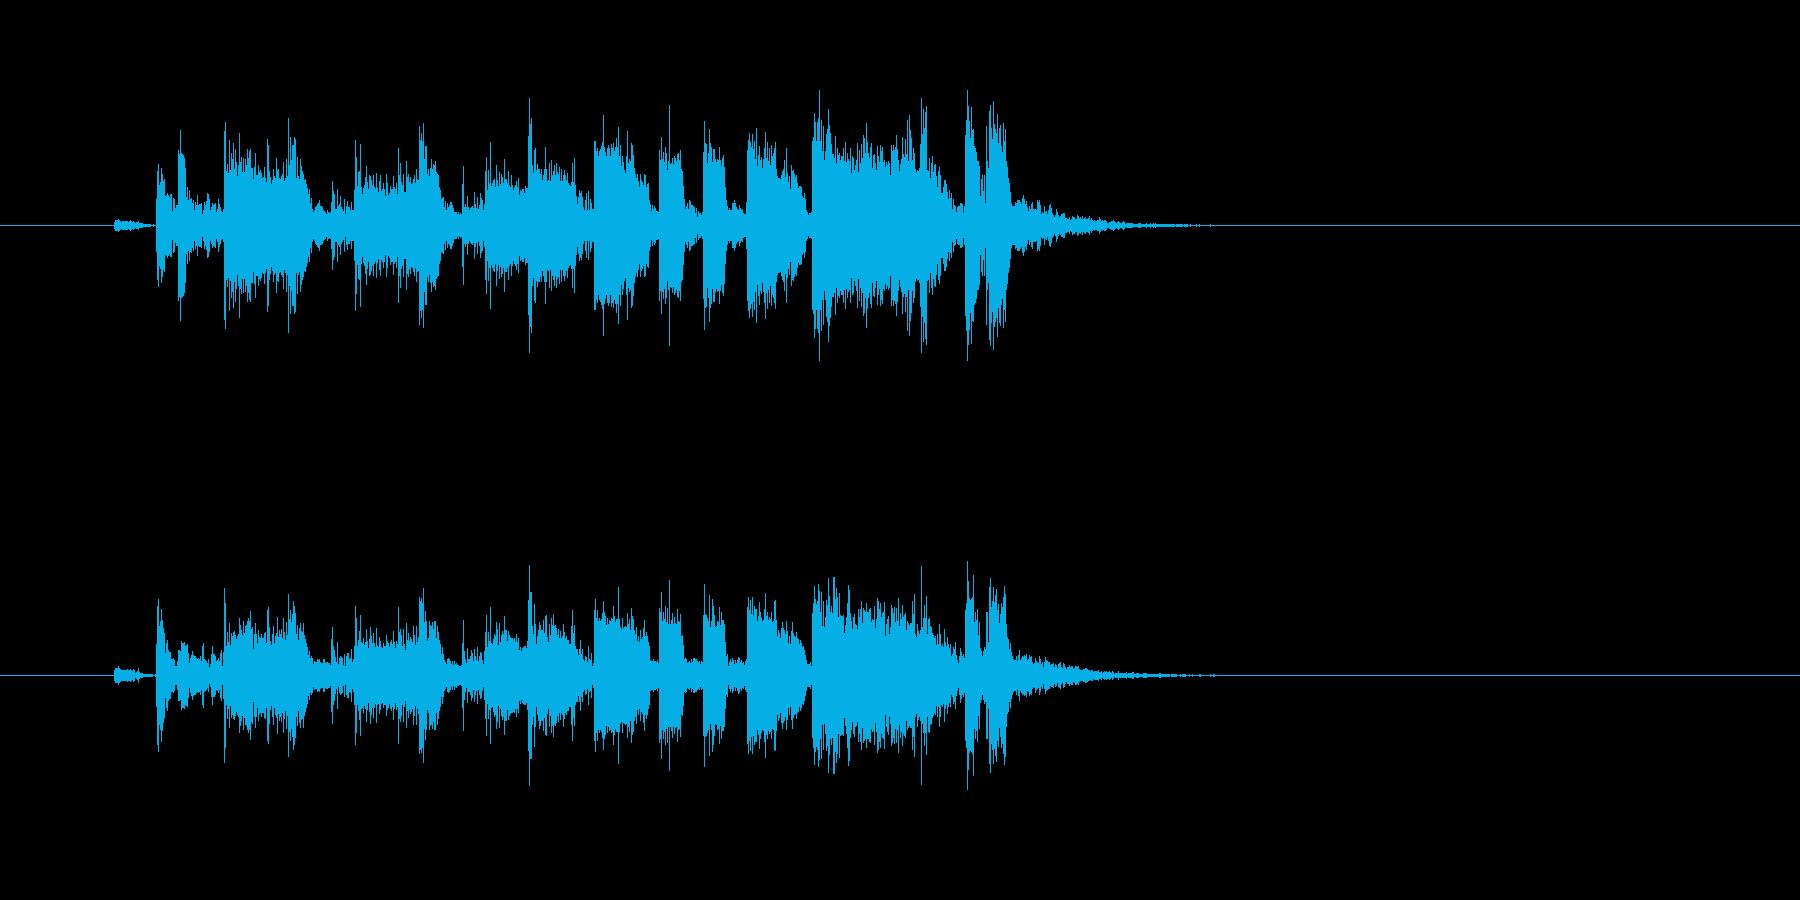 トランペット 明るい パーカッションの再生済みの波形